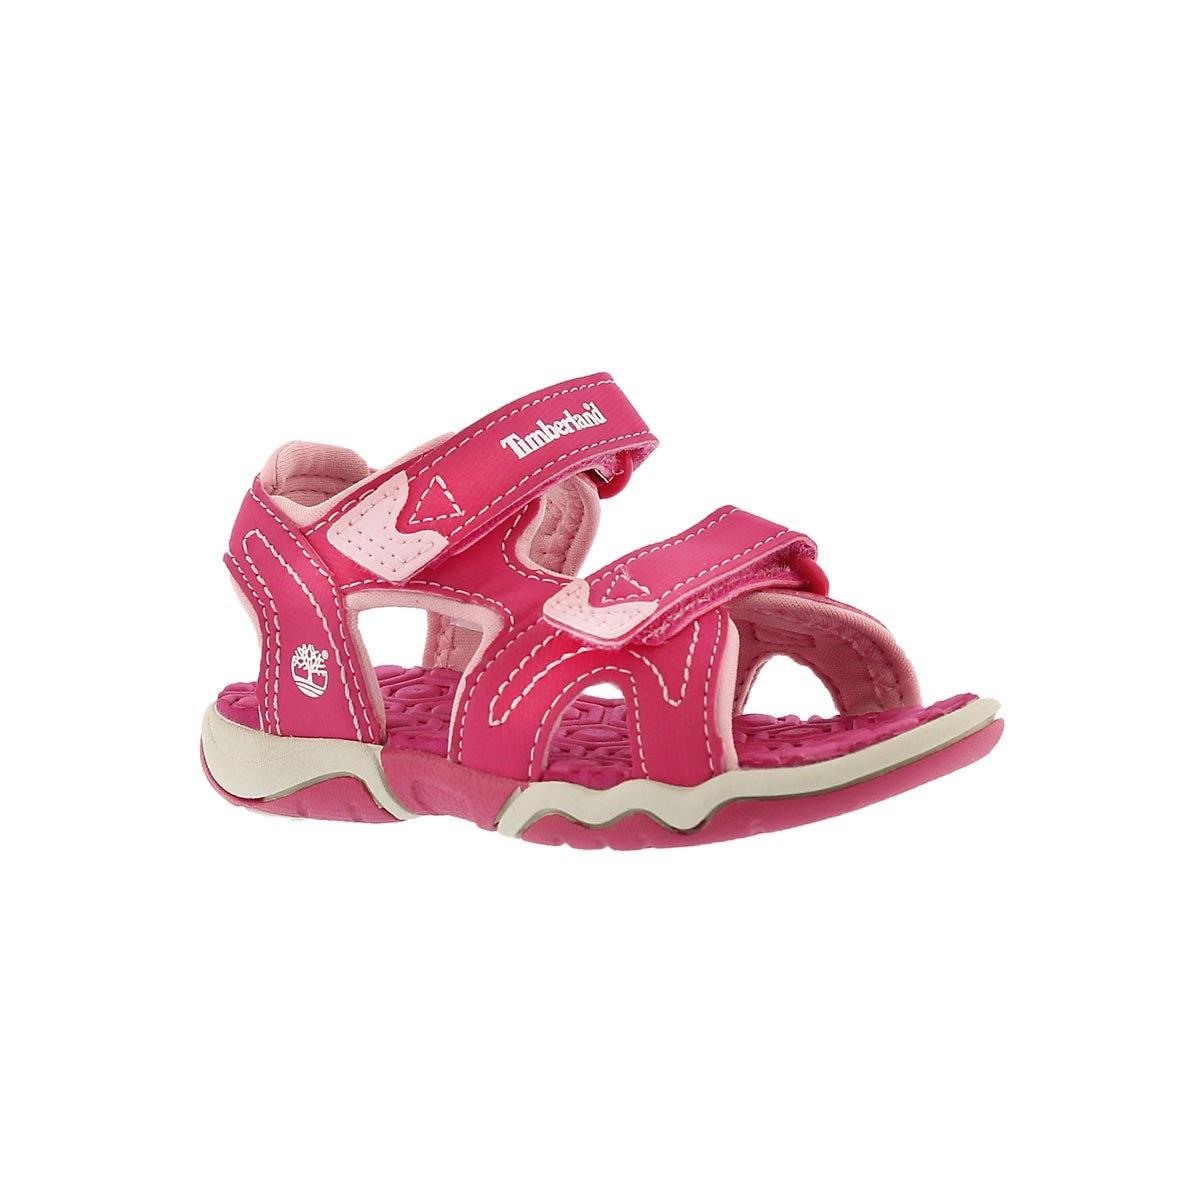 Infs-g Adventure Seeker pnk sport sandal